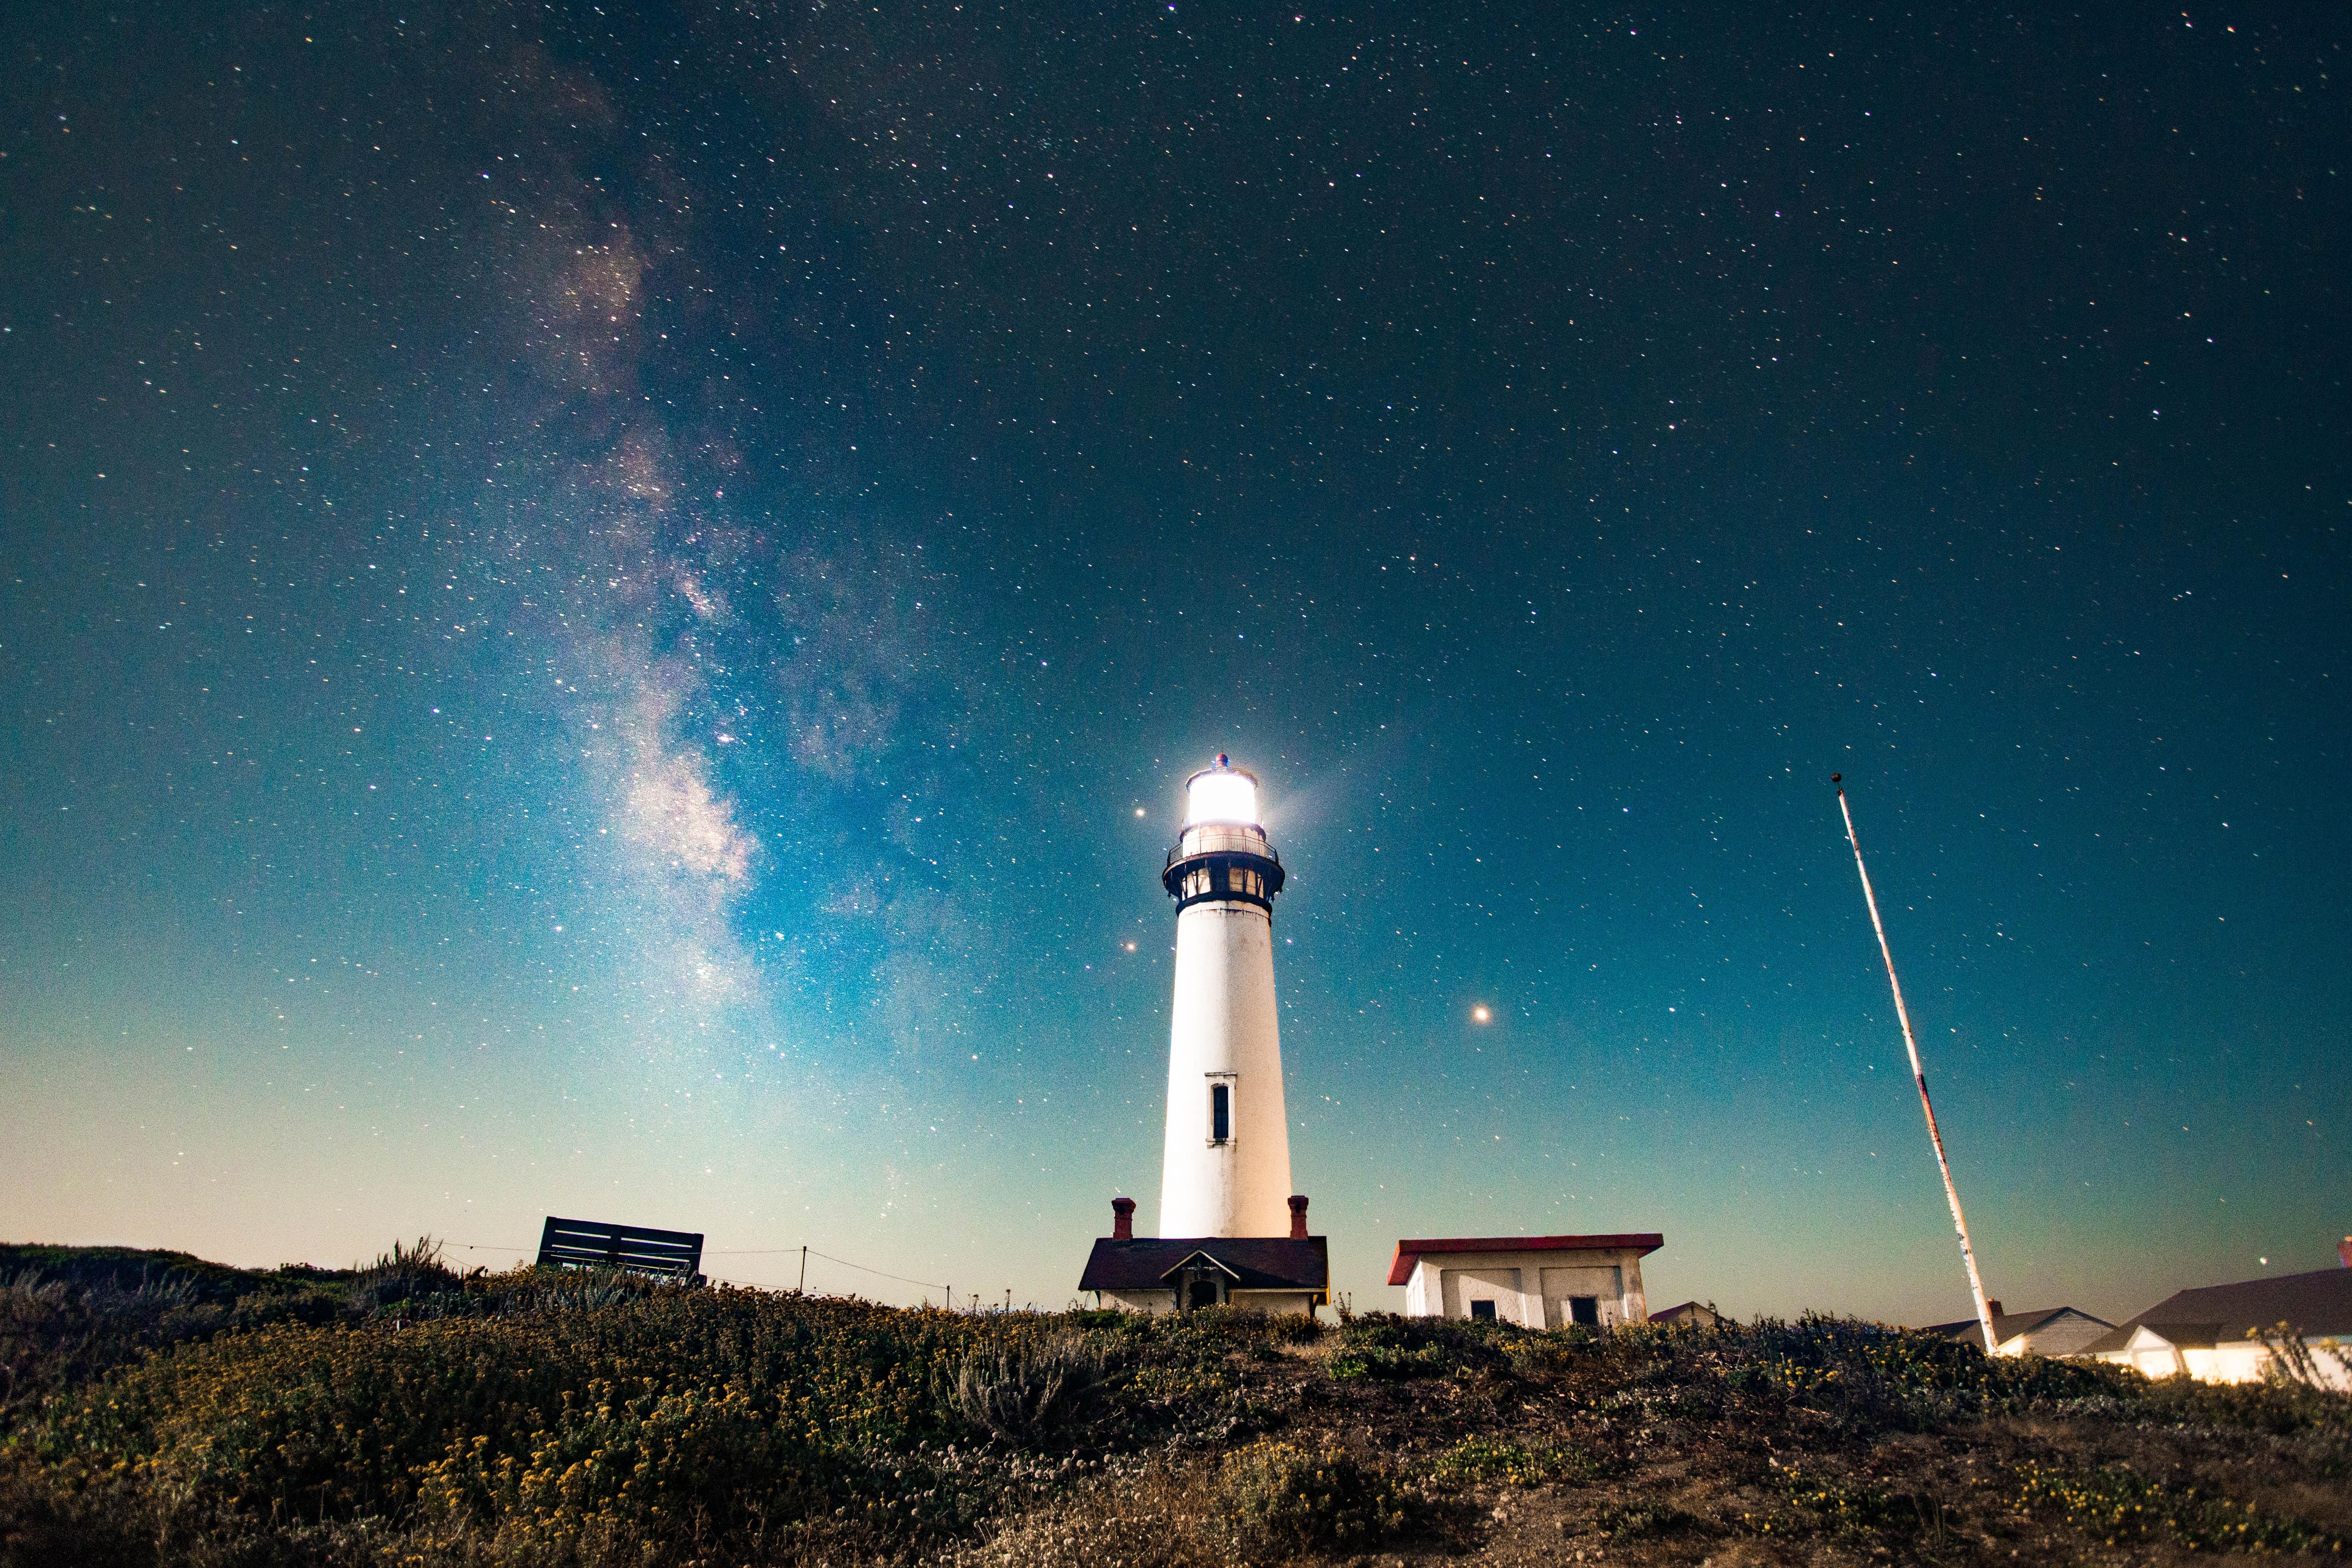 photo of turned on white lighthouse